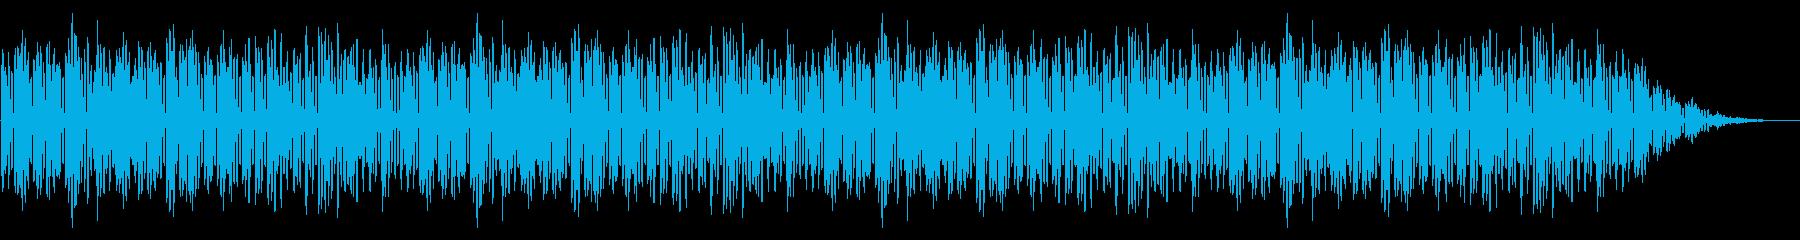 GB風レースゲームのストーリー曲の再生済みの波形